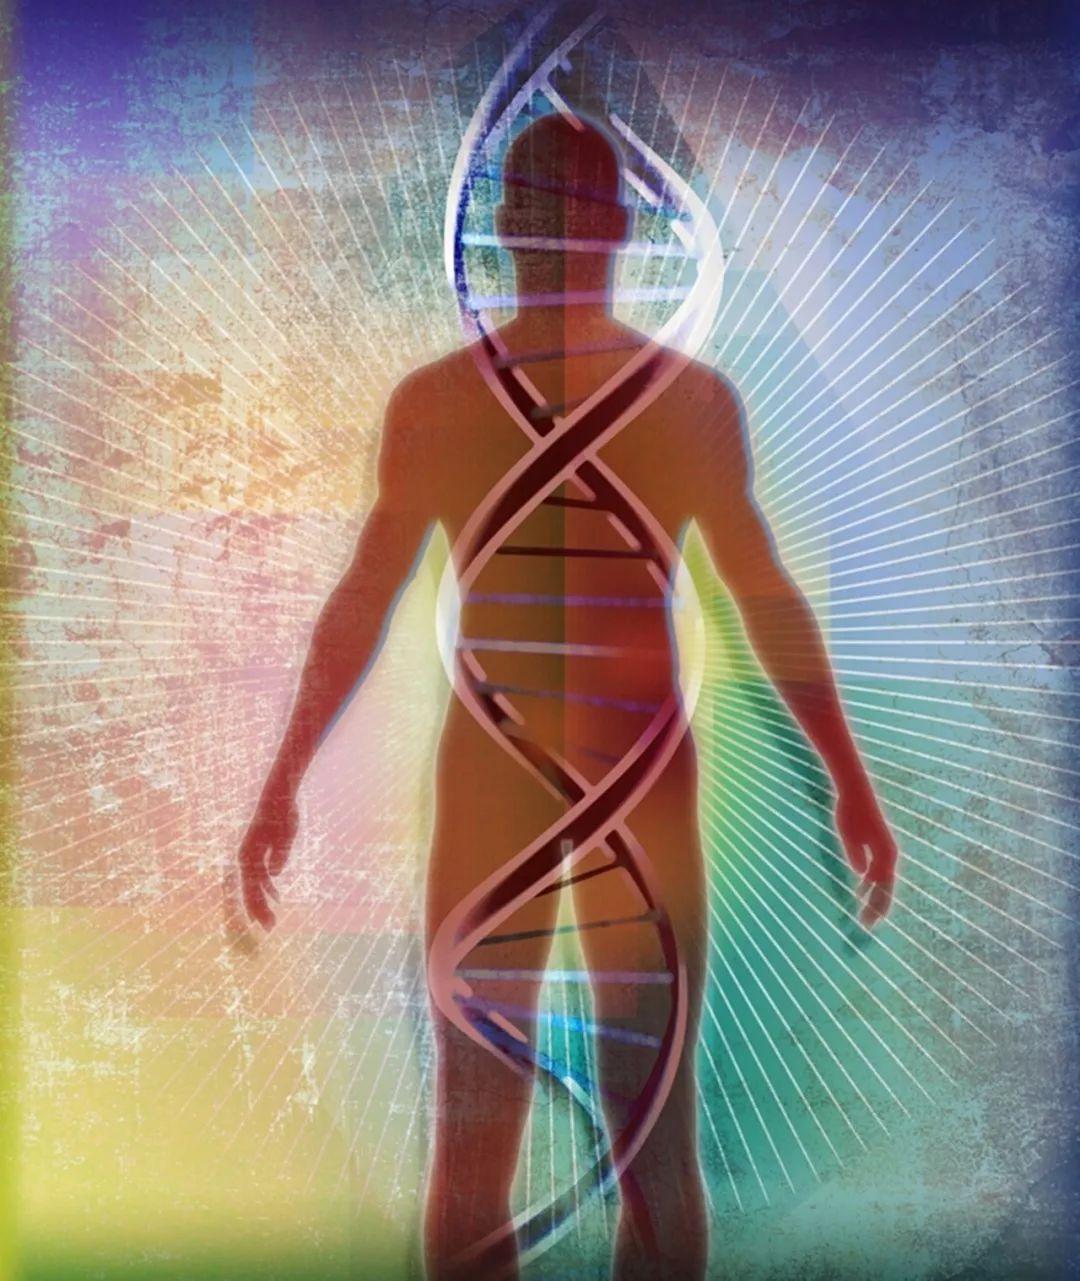 量子纠缠态_量子科学,触及到了神秘的灵魂世界!